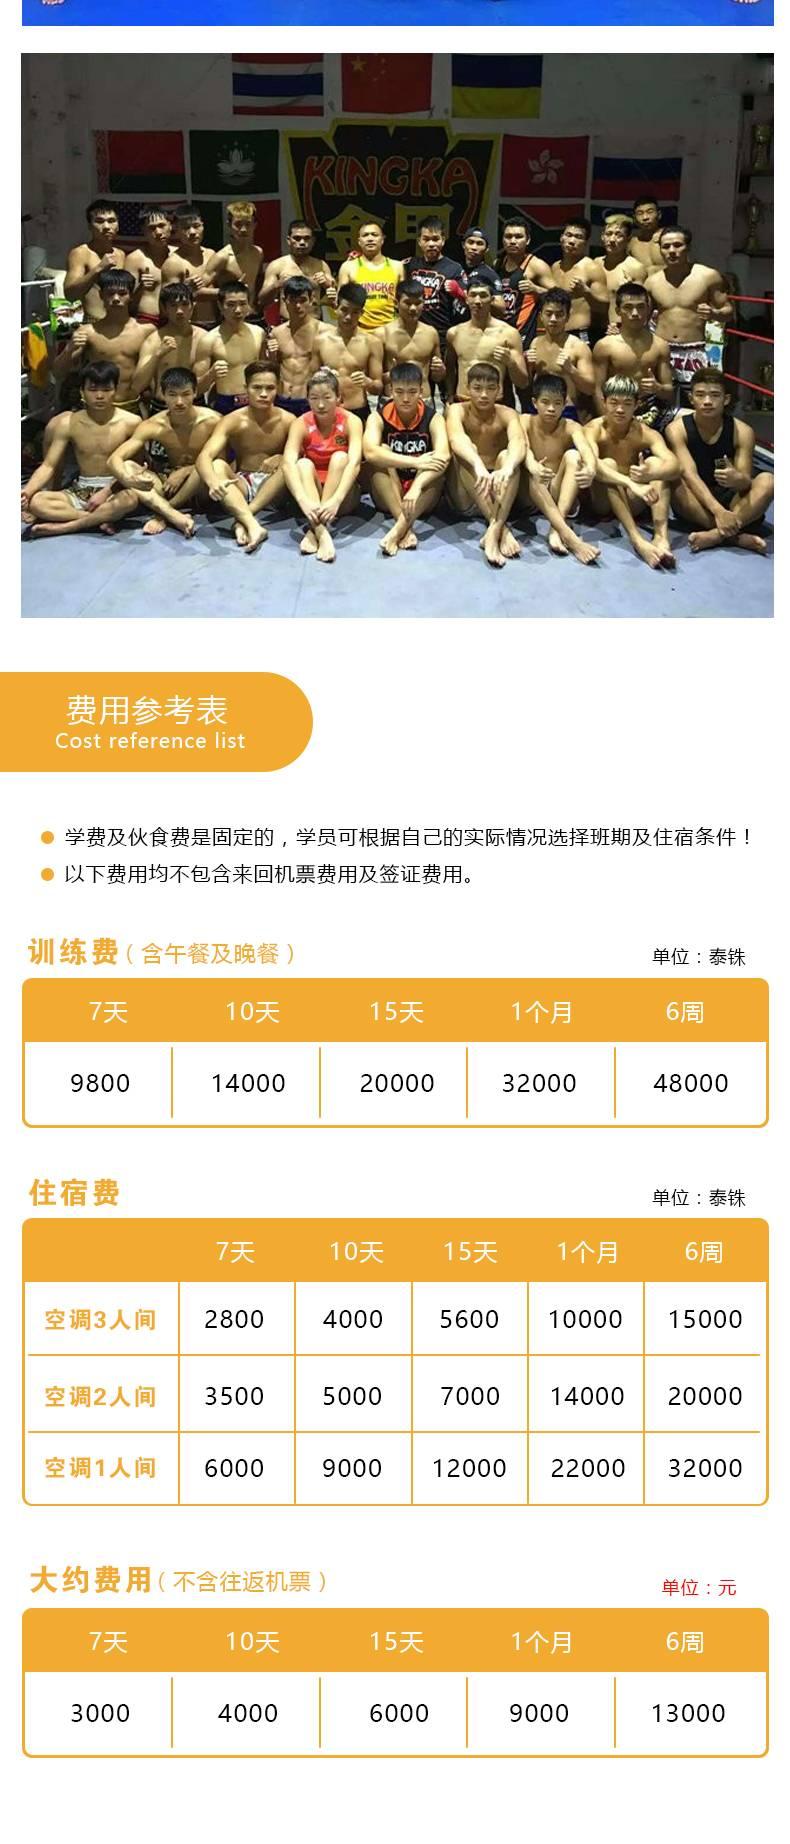 泰国普吉岛泰拳健身训练营 泰拳对于冲拳、脚踢、肘击和膝盖撞击的组合很适合对于腹肌